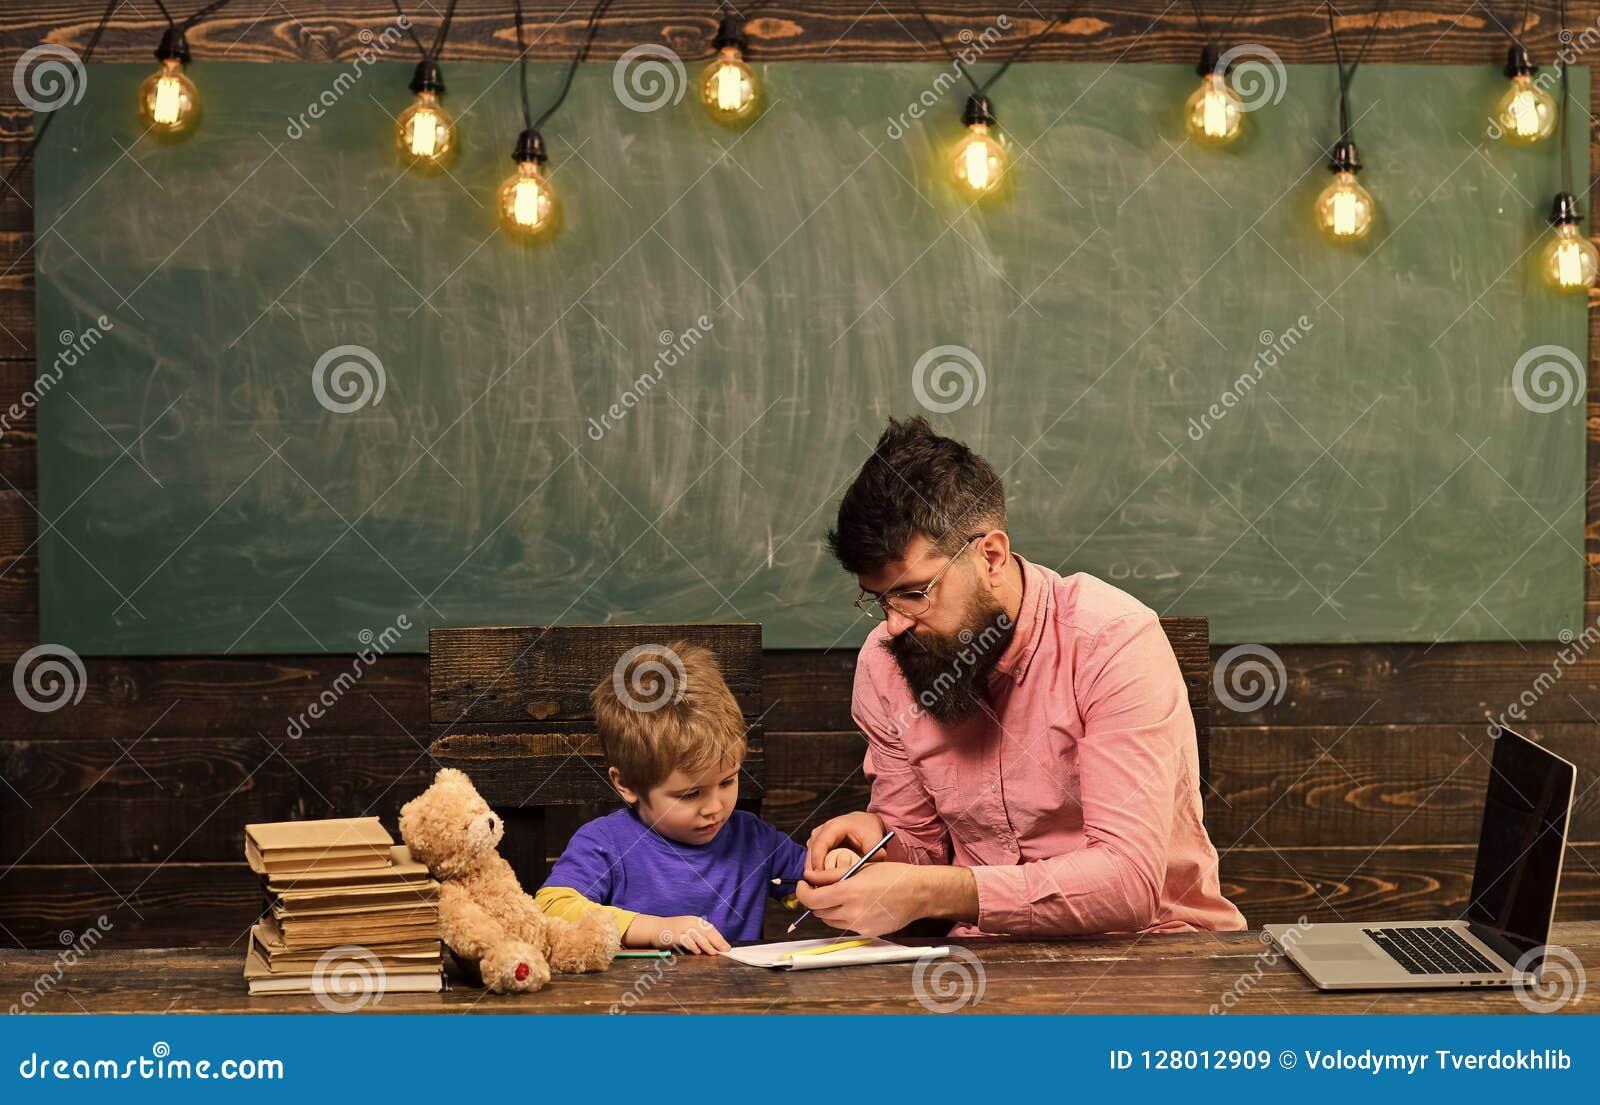 Schüler mit Lehrer in der Schule Unterrichten Sie helfendes Kind, um Briefe im Schreibheft zu schreiben Mann und Junge sitzen am